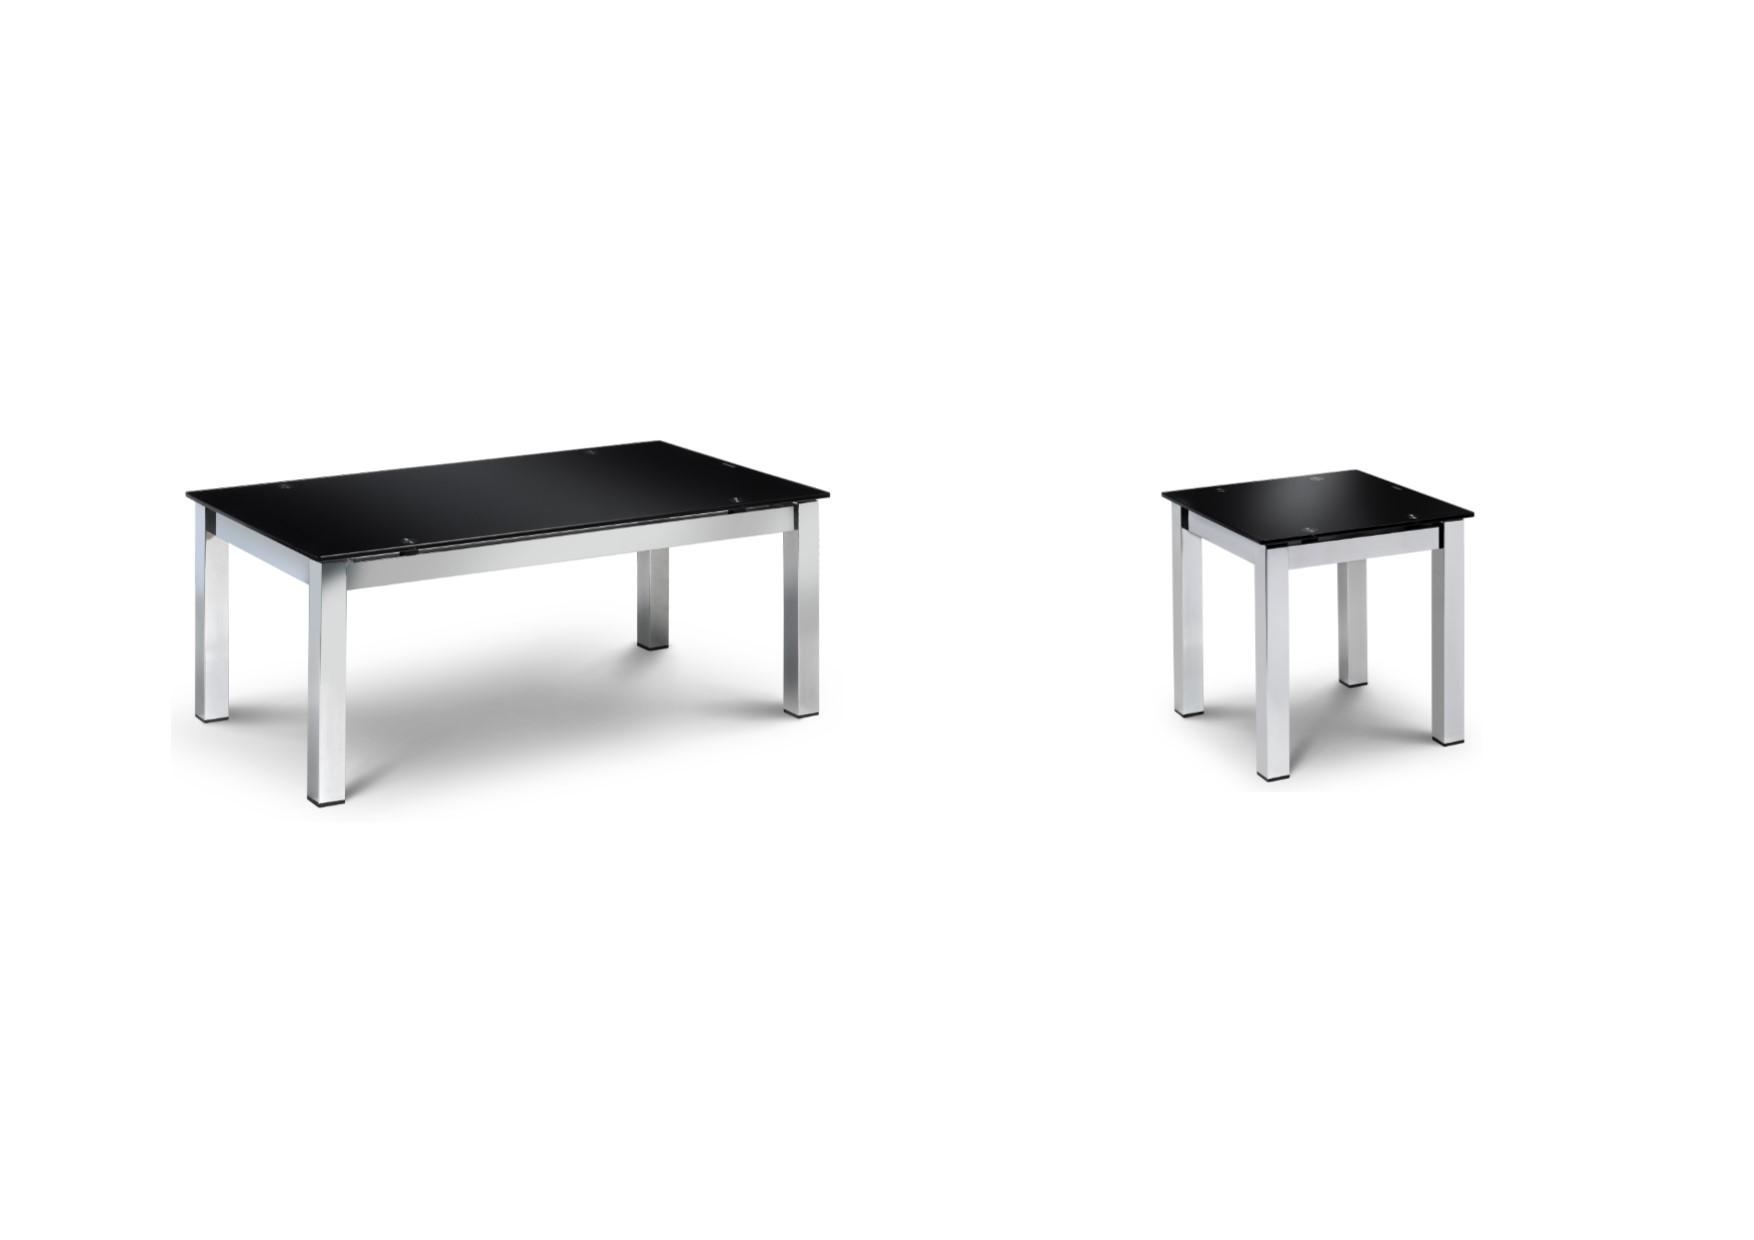 Julian Bowen Tempo Chrome & Black Glass Coffee Table Lamp